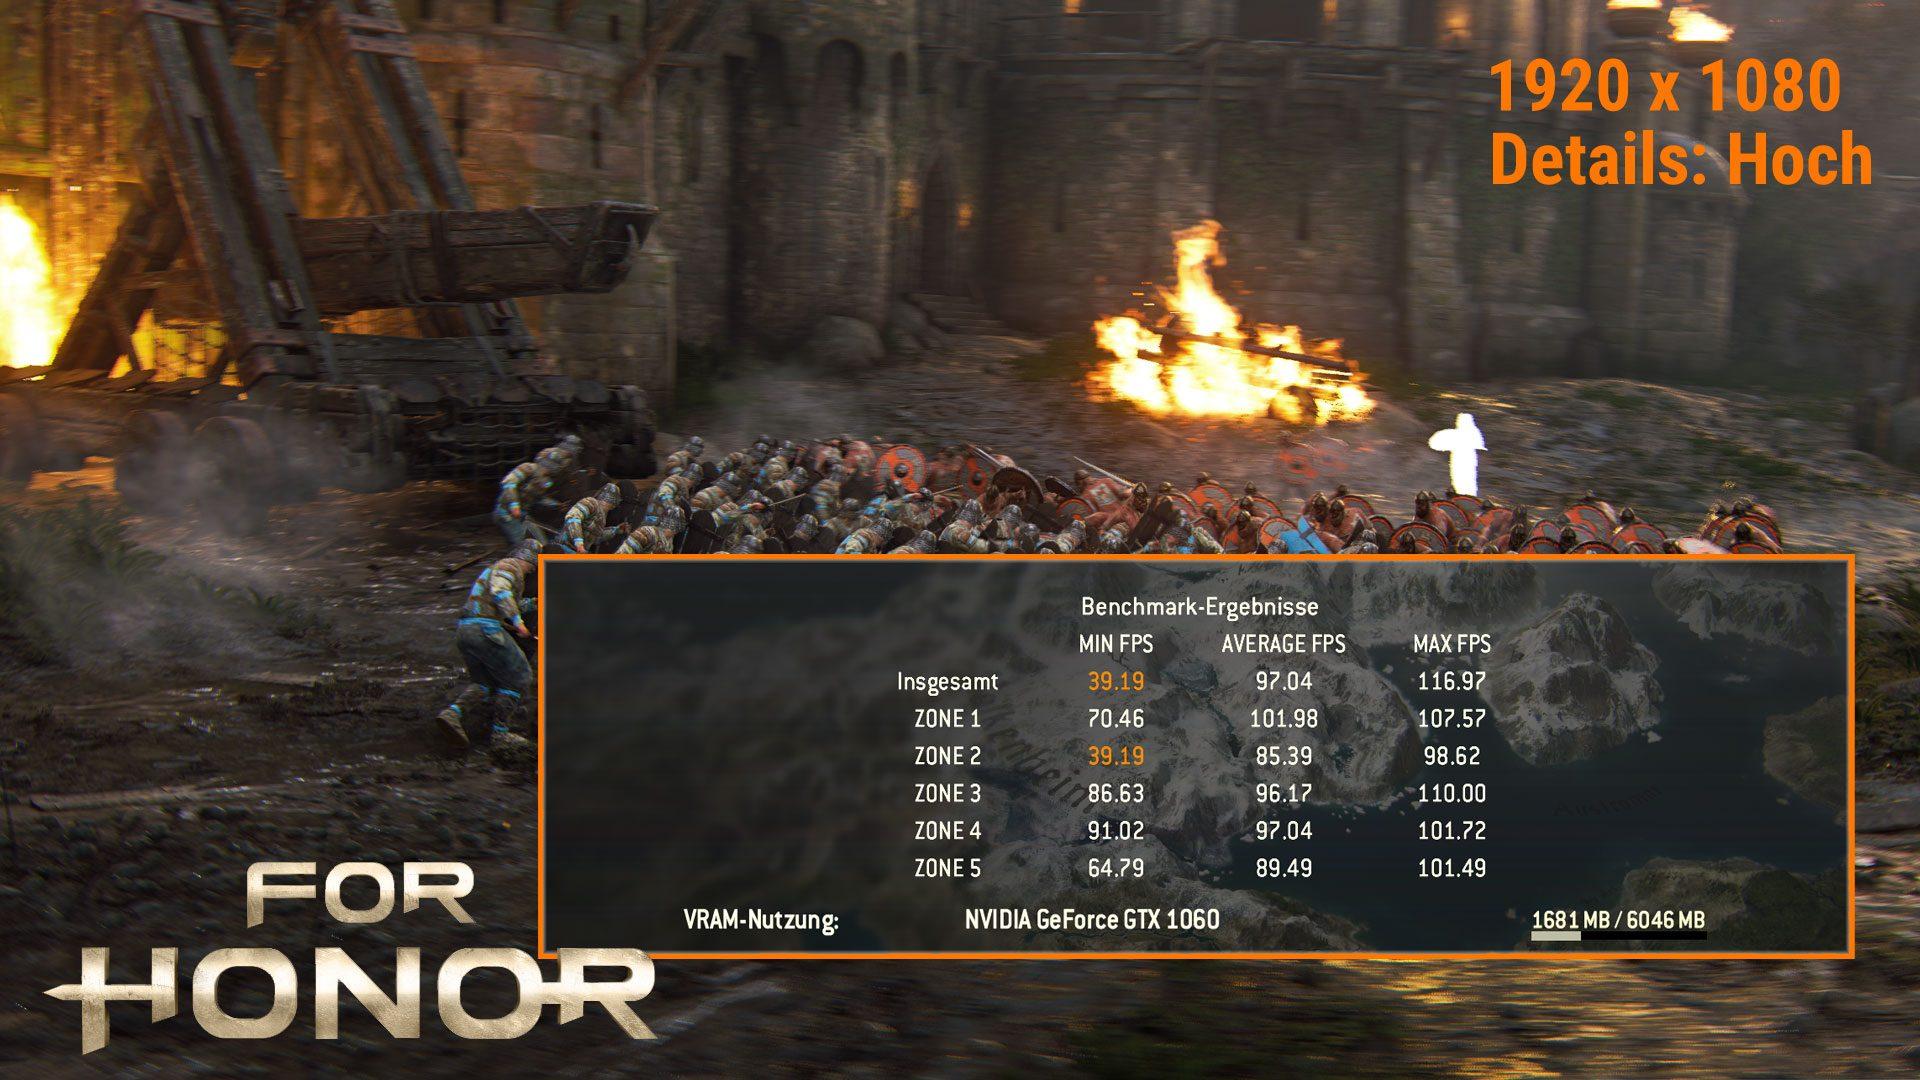 Schenker-XMG-A517-dxf-Games-6